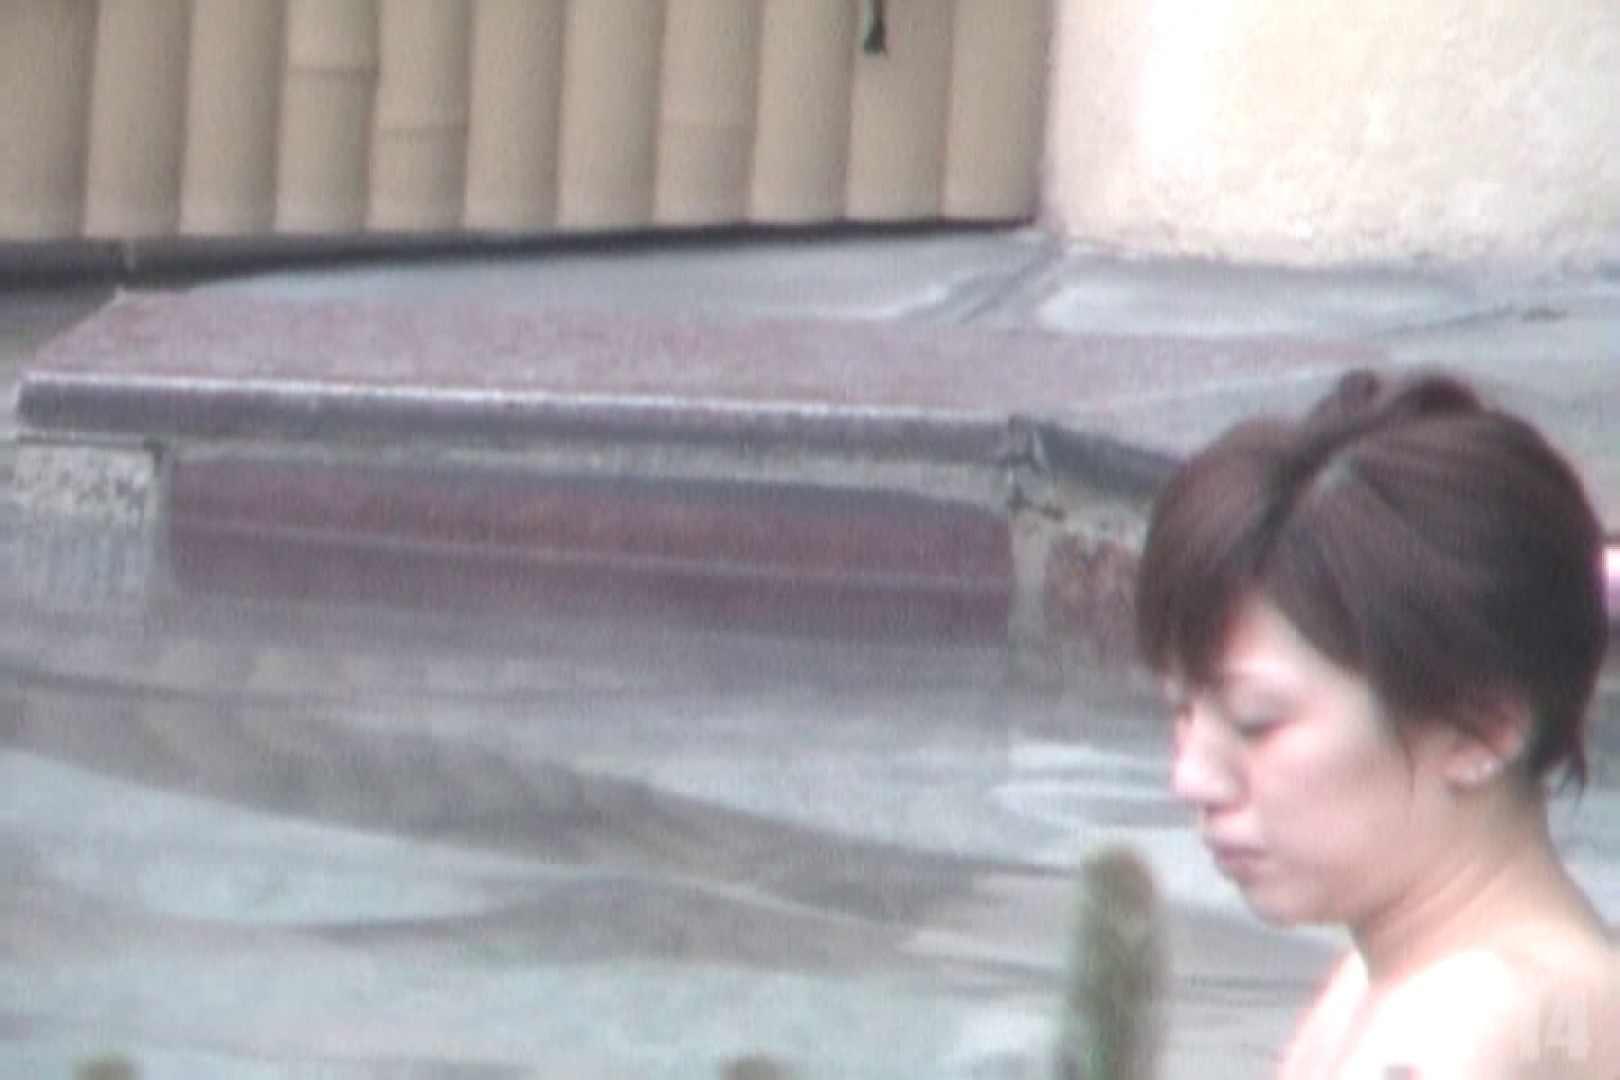 Aquaな露天風呂Vol.821 美しいOLの裸体 オメコ無修正動画無料 78pic 53